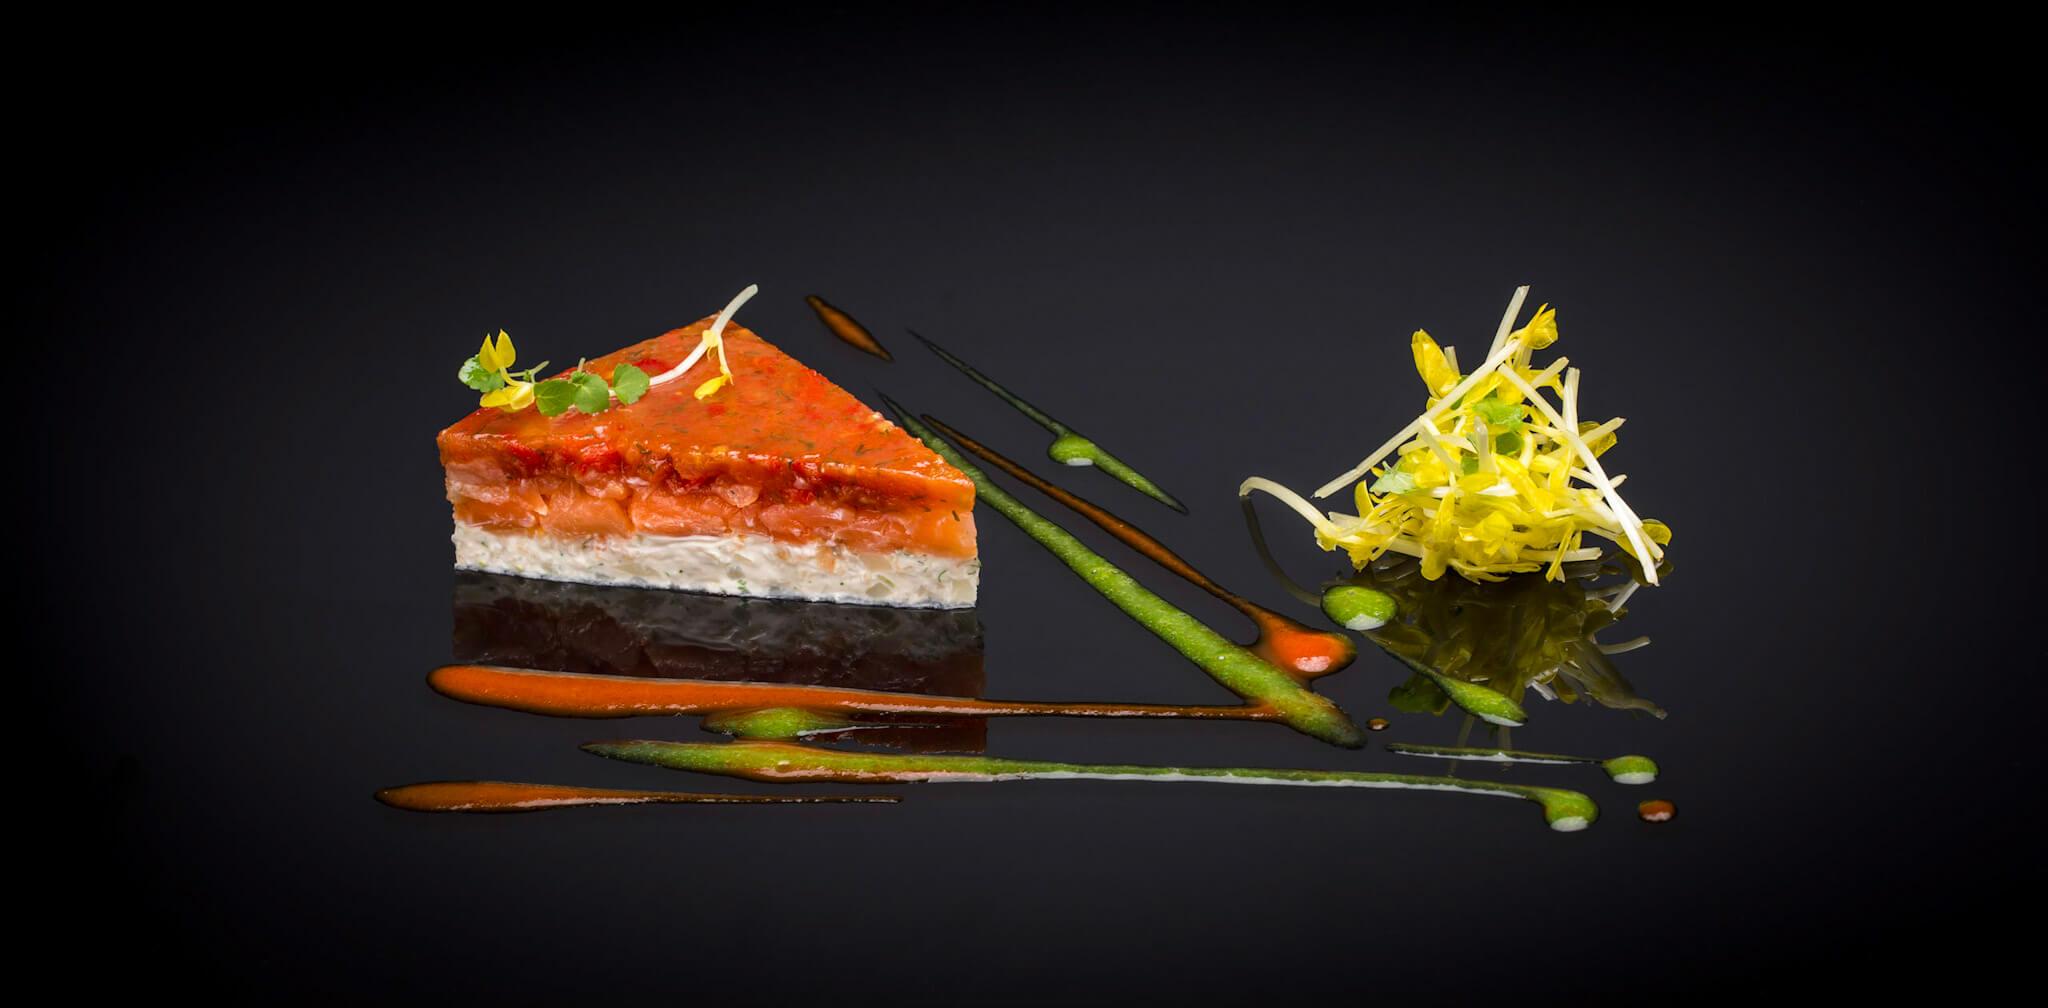 Les réalisations Lehmann Studio, photographe à Angers - shooting culinaire en studio flan de légumes